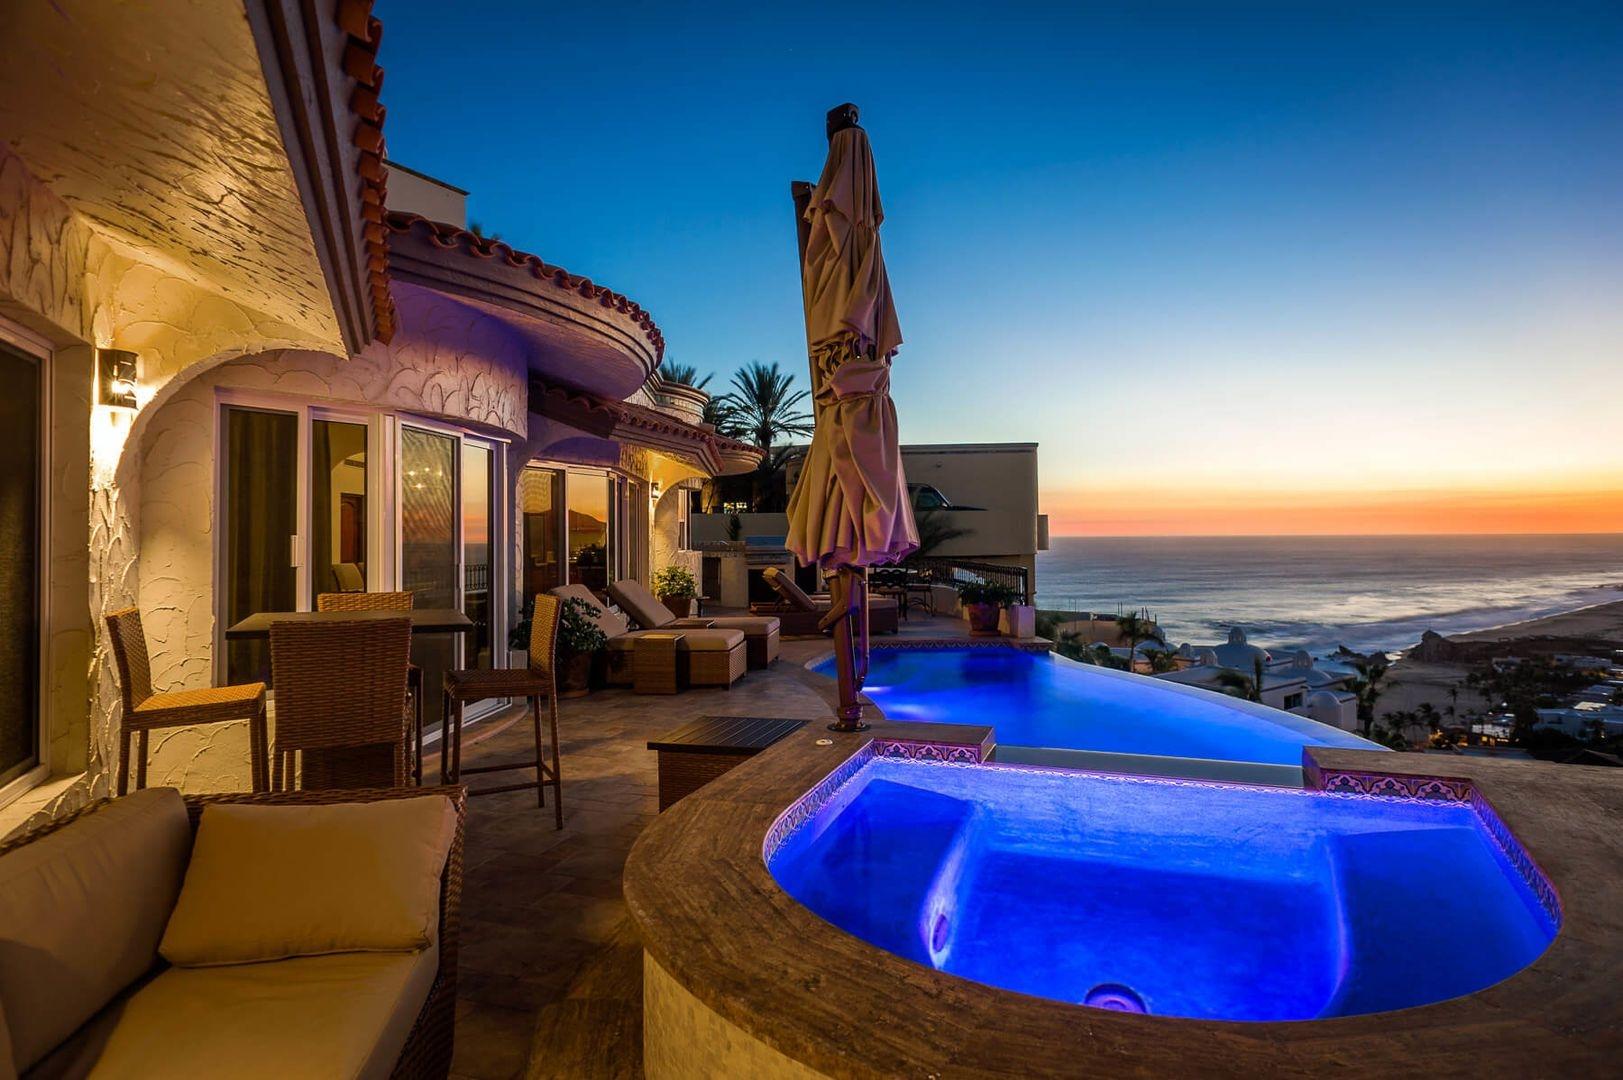 Luxury vacation rentals mexico - Los cabos - Cabo - Pedregal - Villa Colibri - Image 1/17